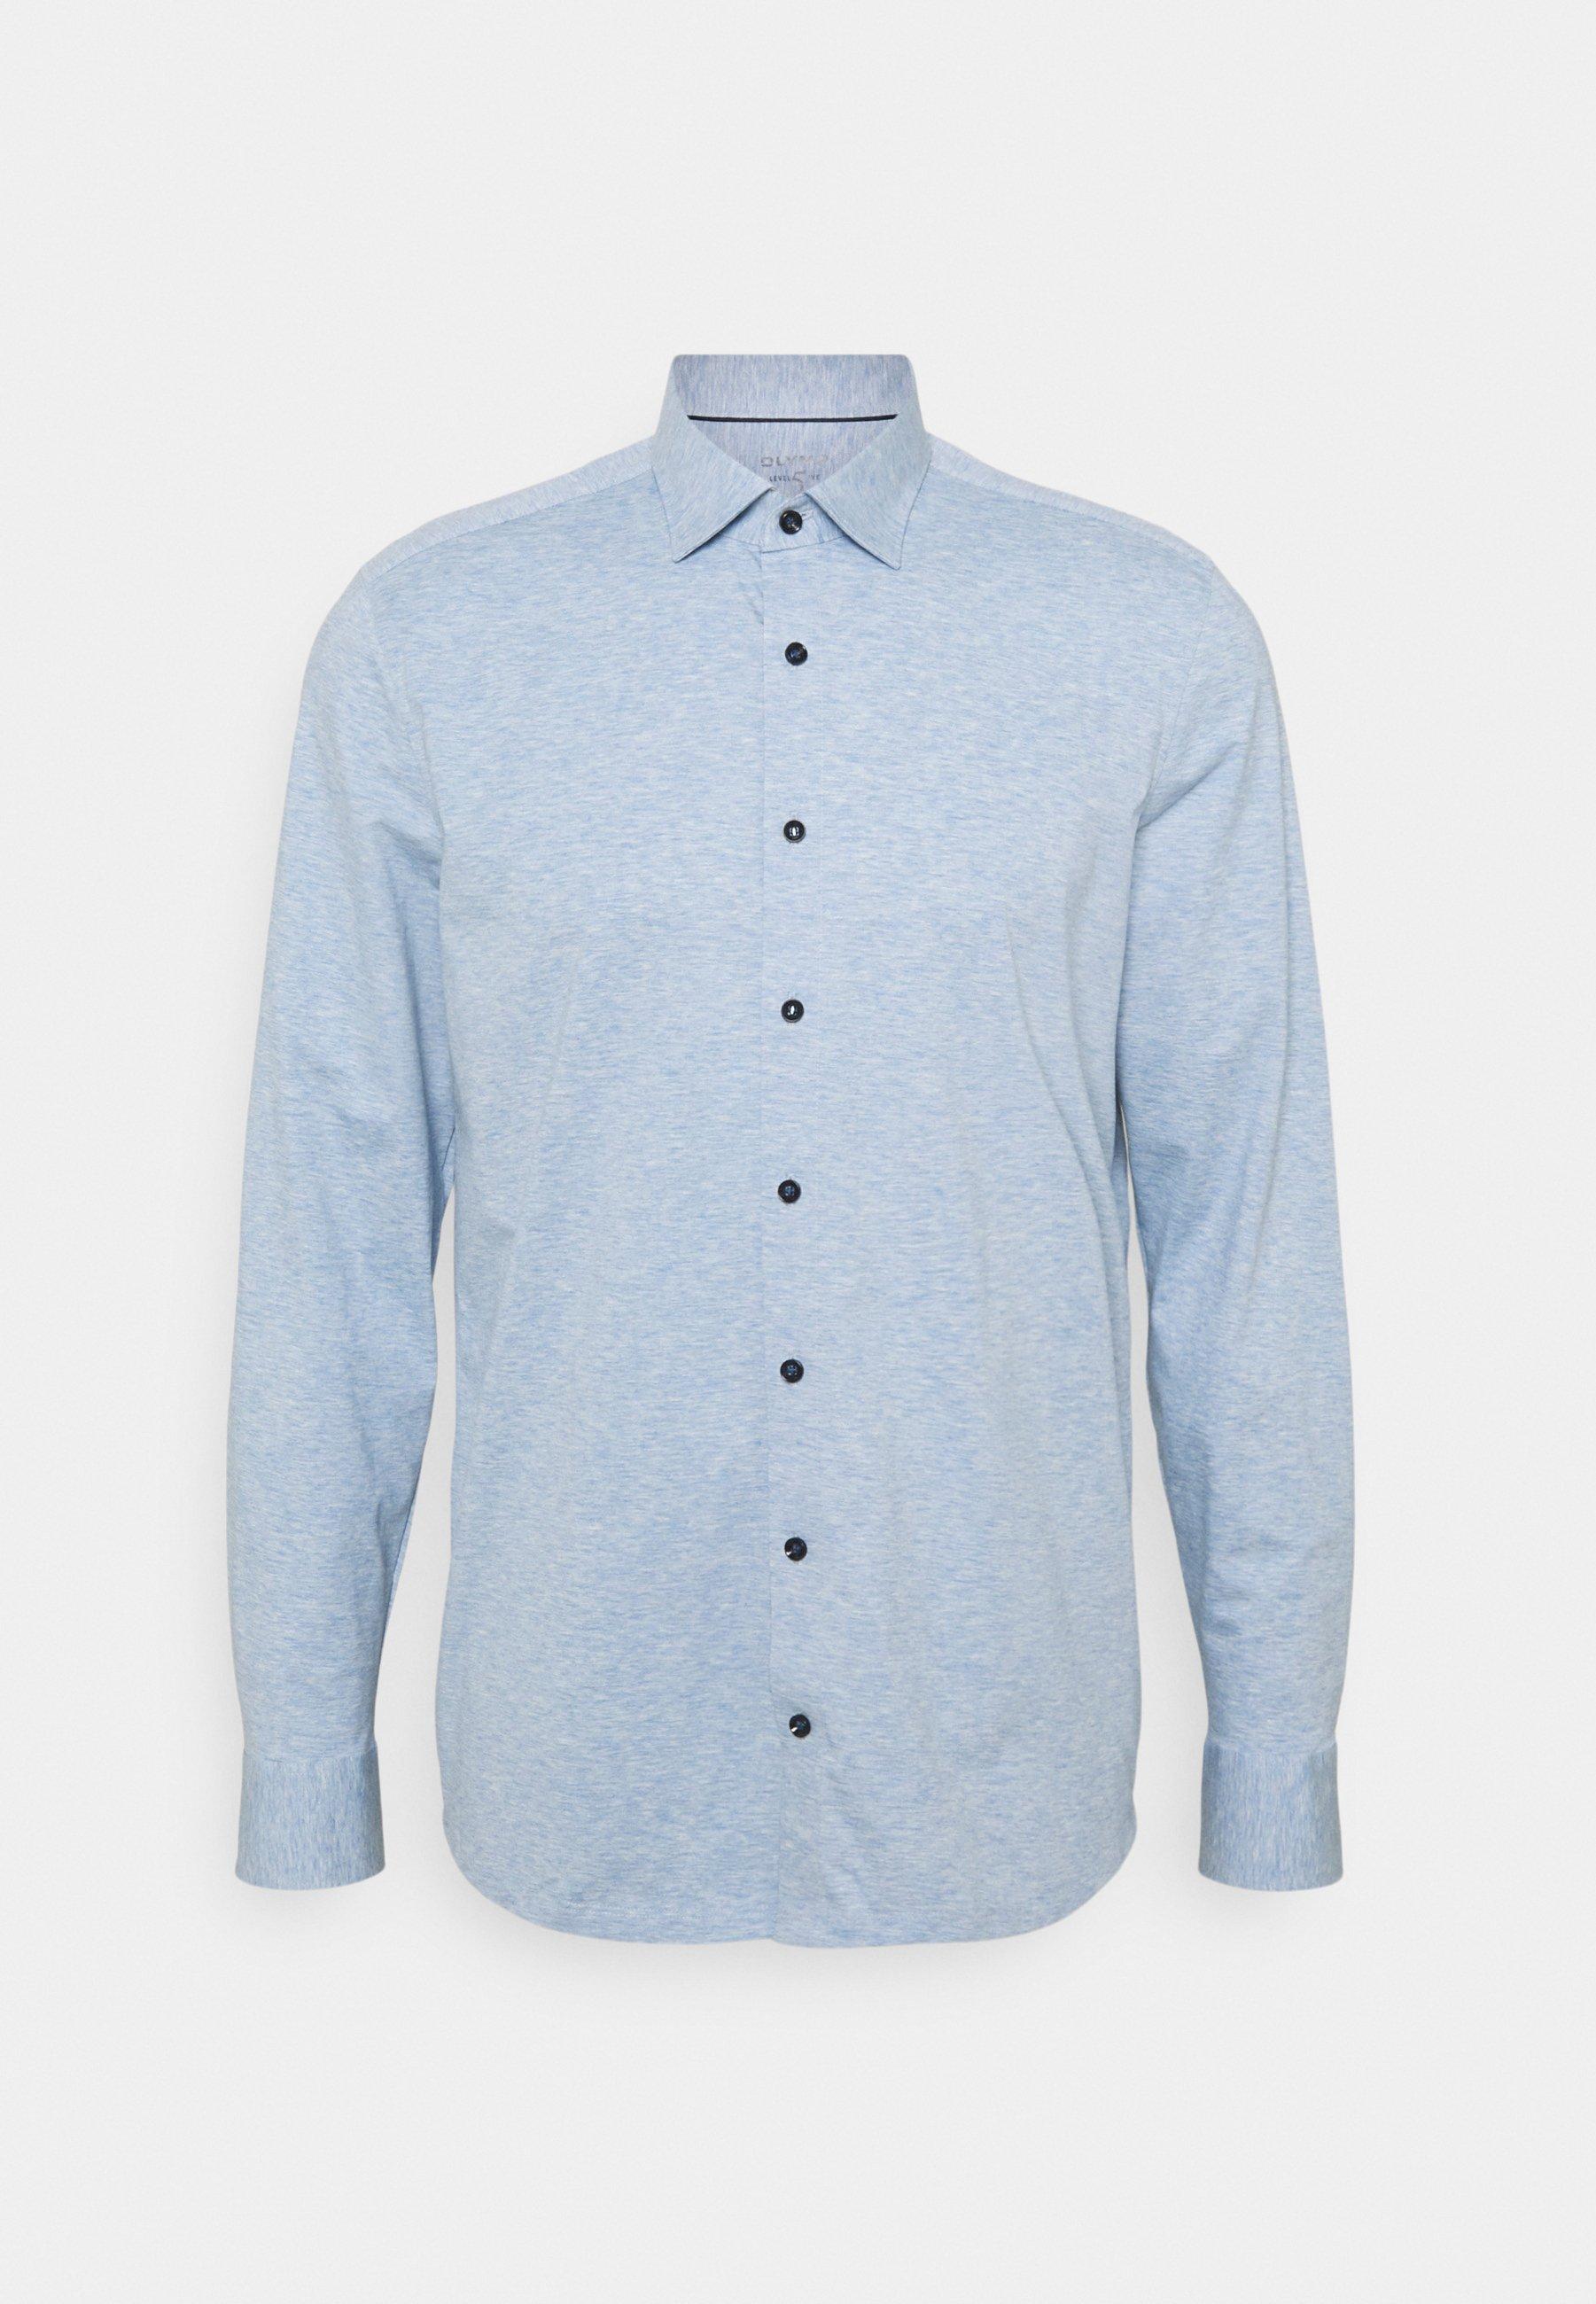 Men LEVEL JERSEY HEMD - Shirt